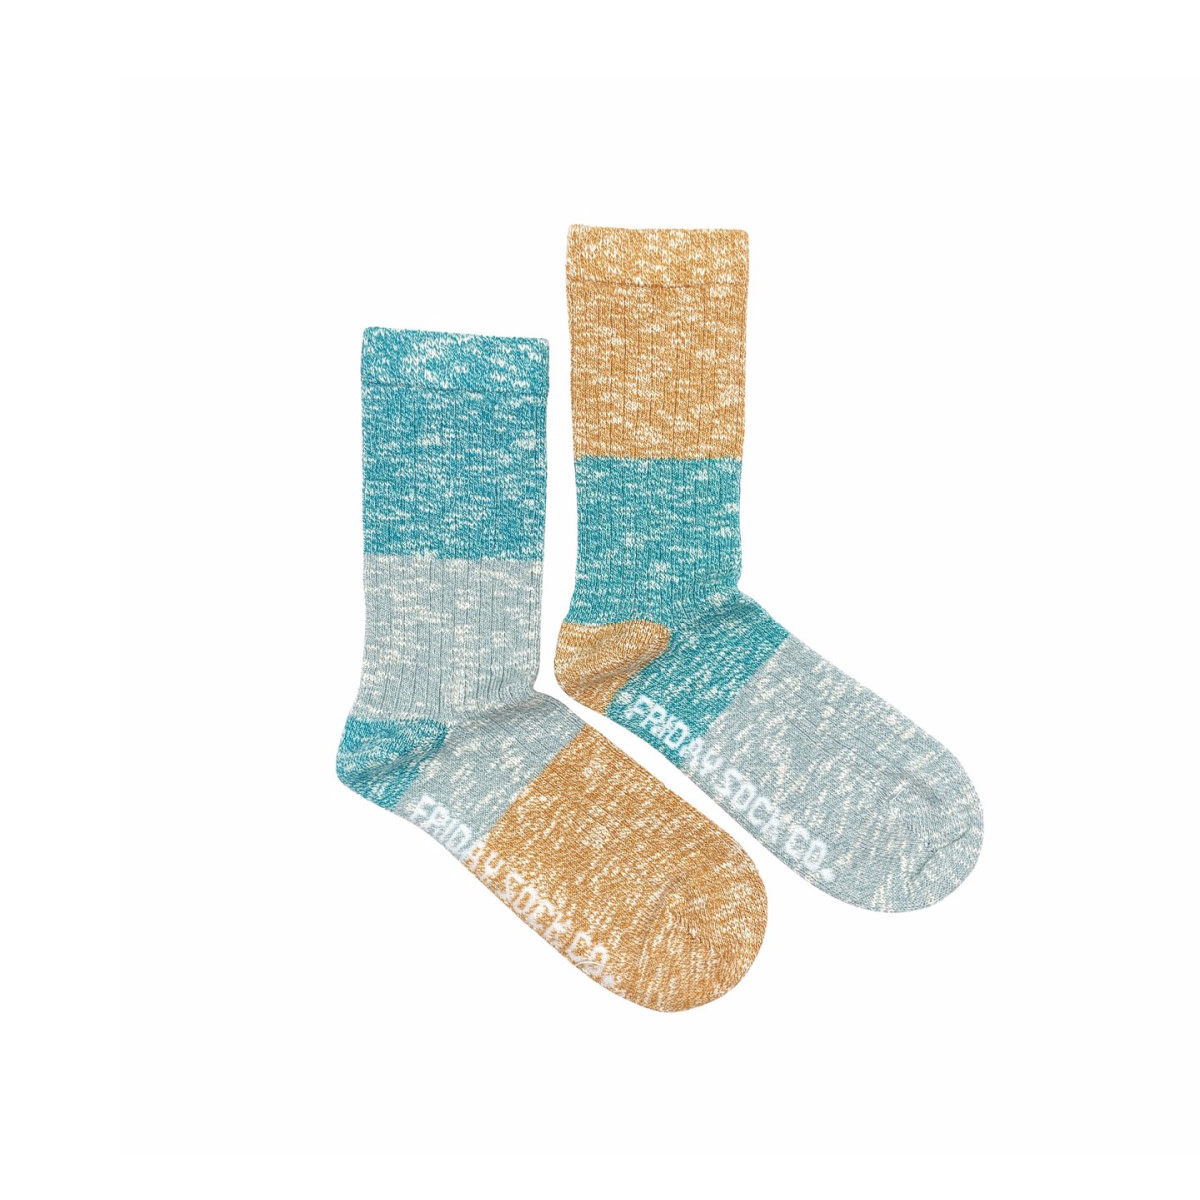 Friday Sock Co. Friday Sock Co. Women's Morning River Camp Socks